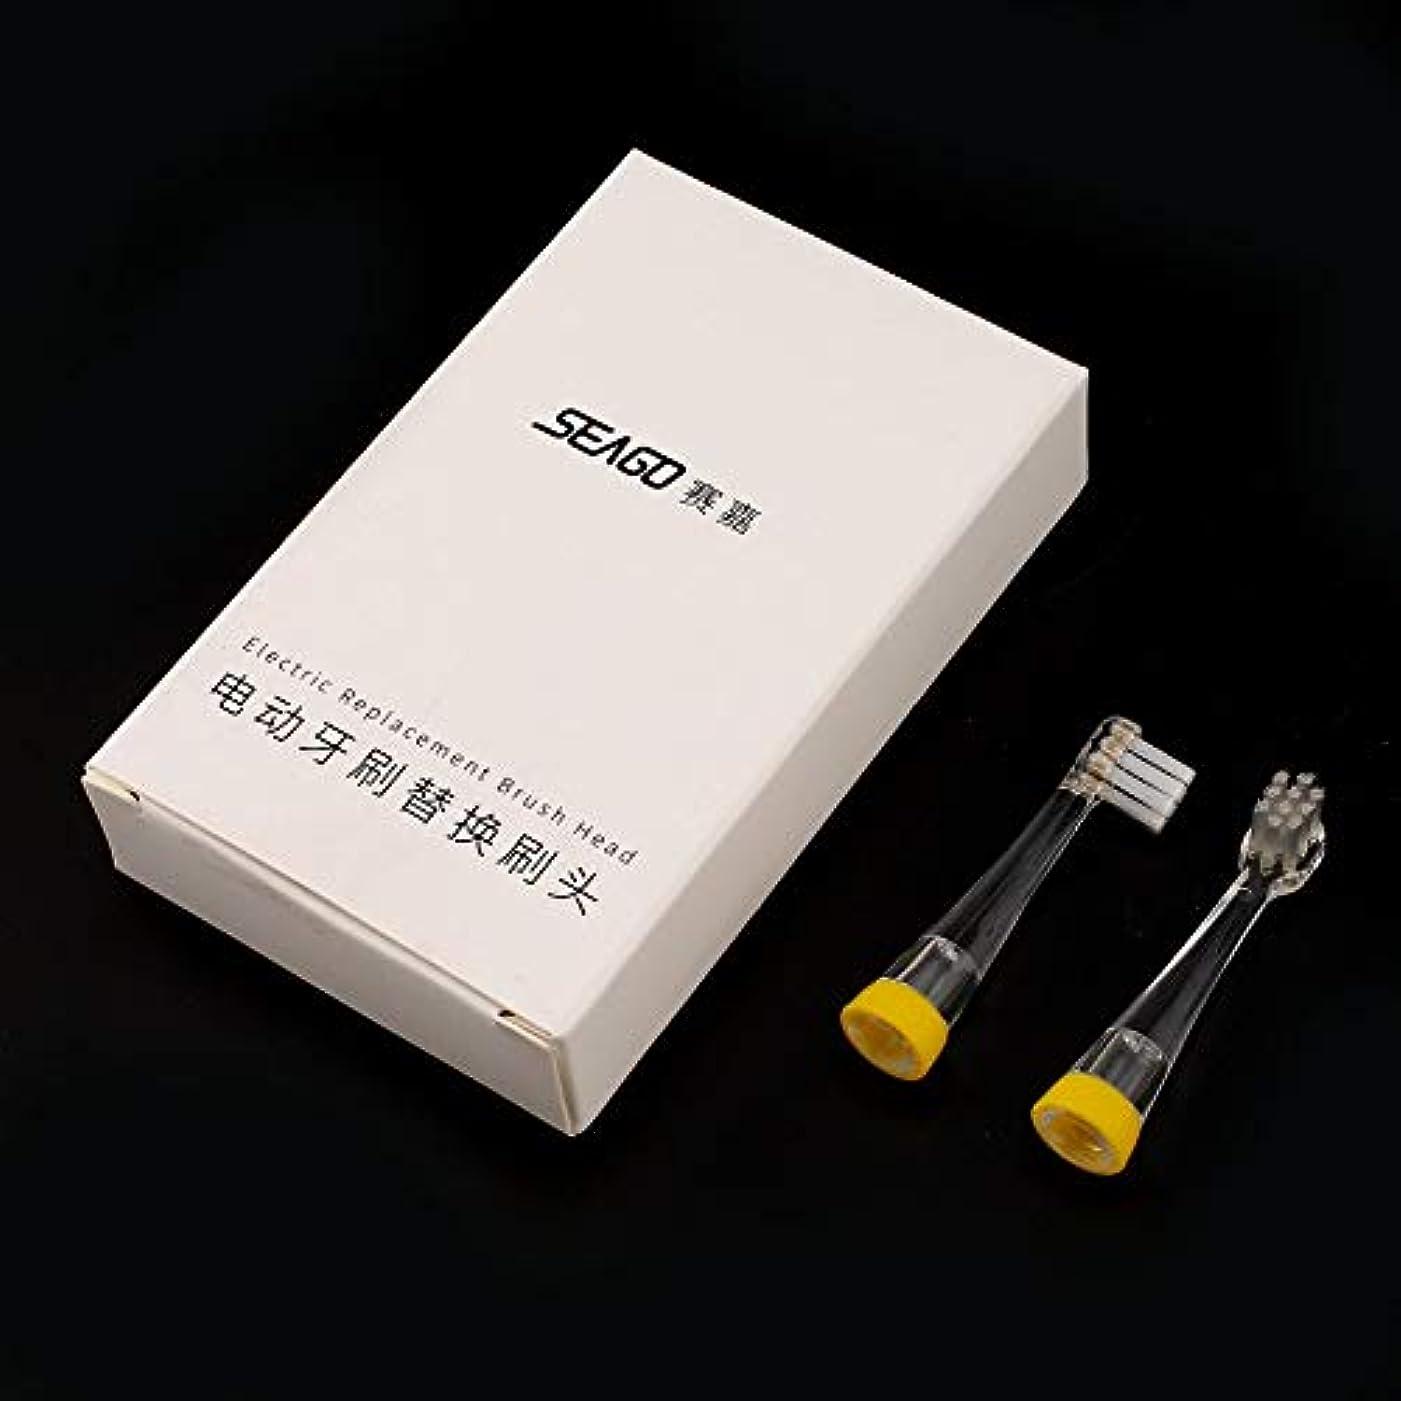 レジデンス生窓を洗う2ピースポータブル電気交換ブラシヘッドシーゴSG-811子供電動歯ブラシソフトデュポンナイロン剛毛(Color:white & yellow)